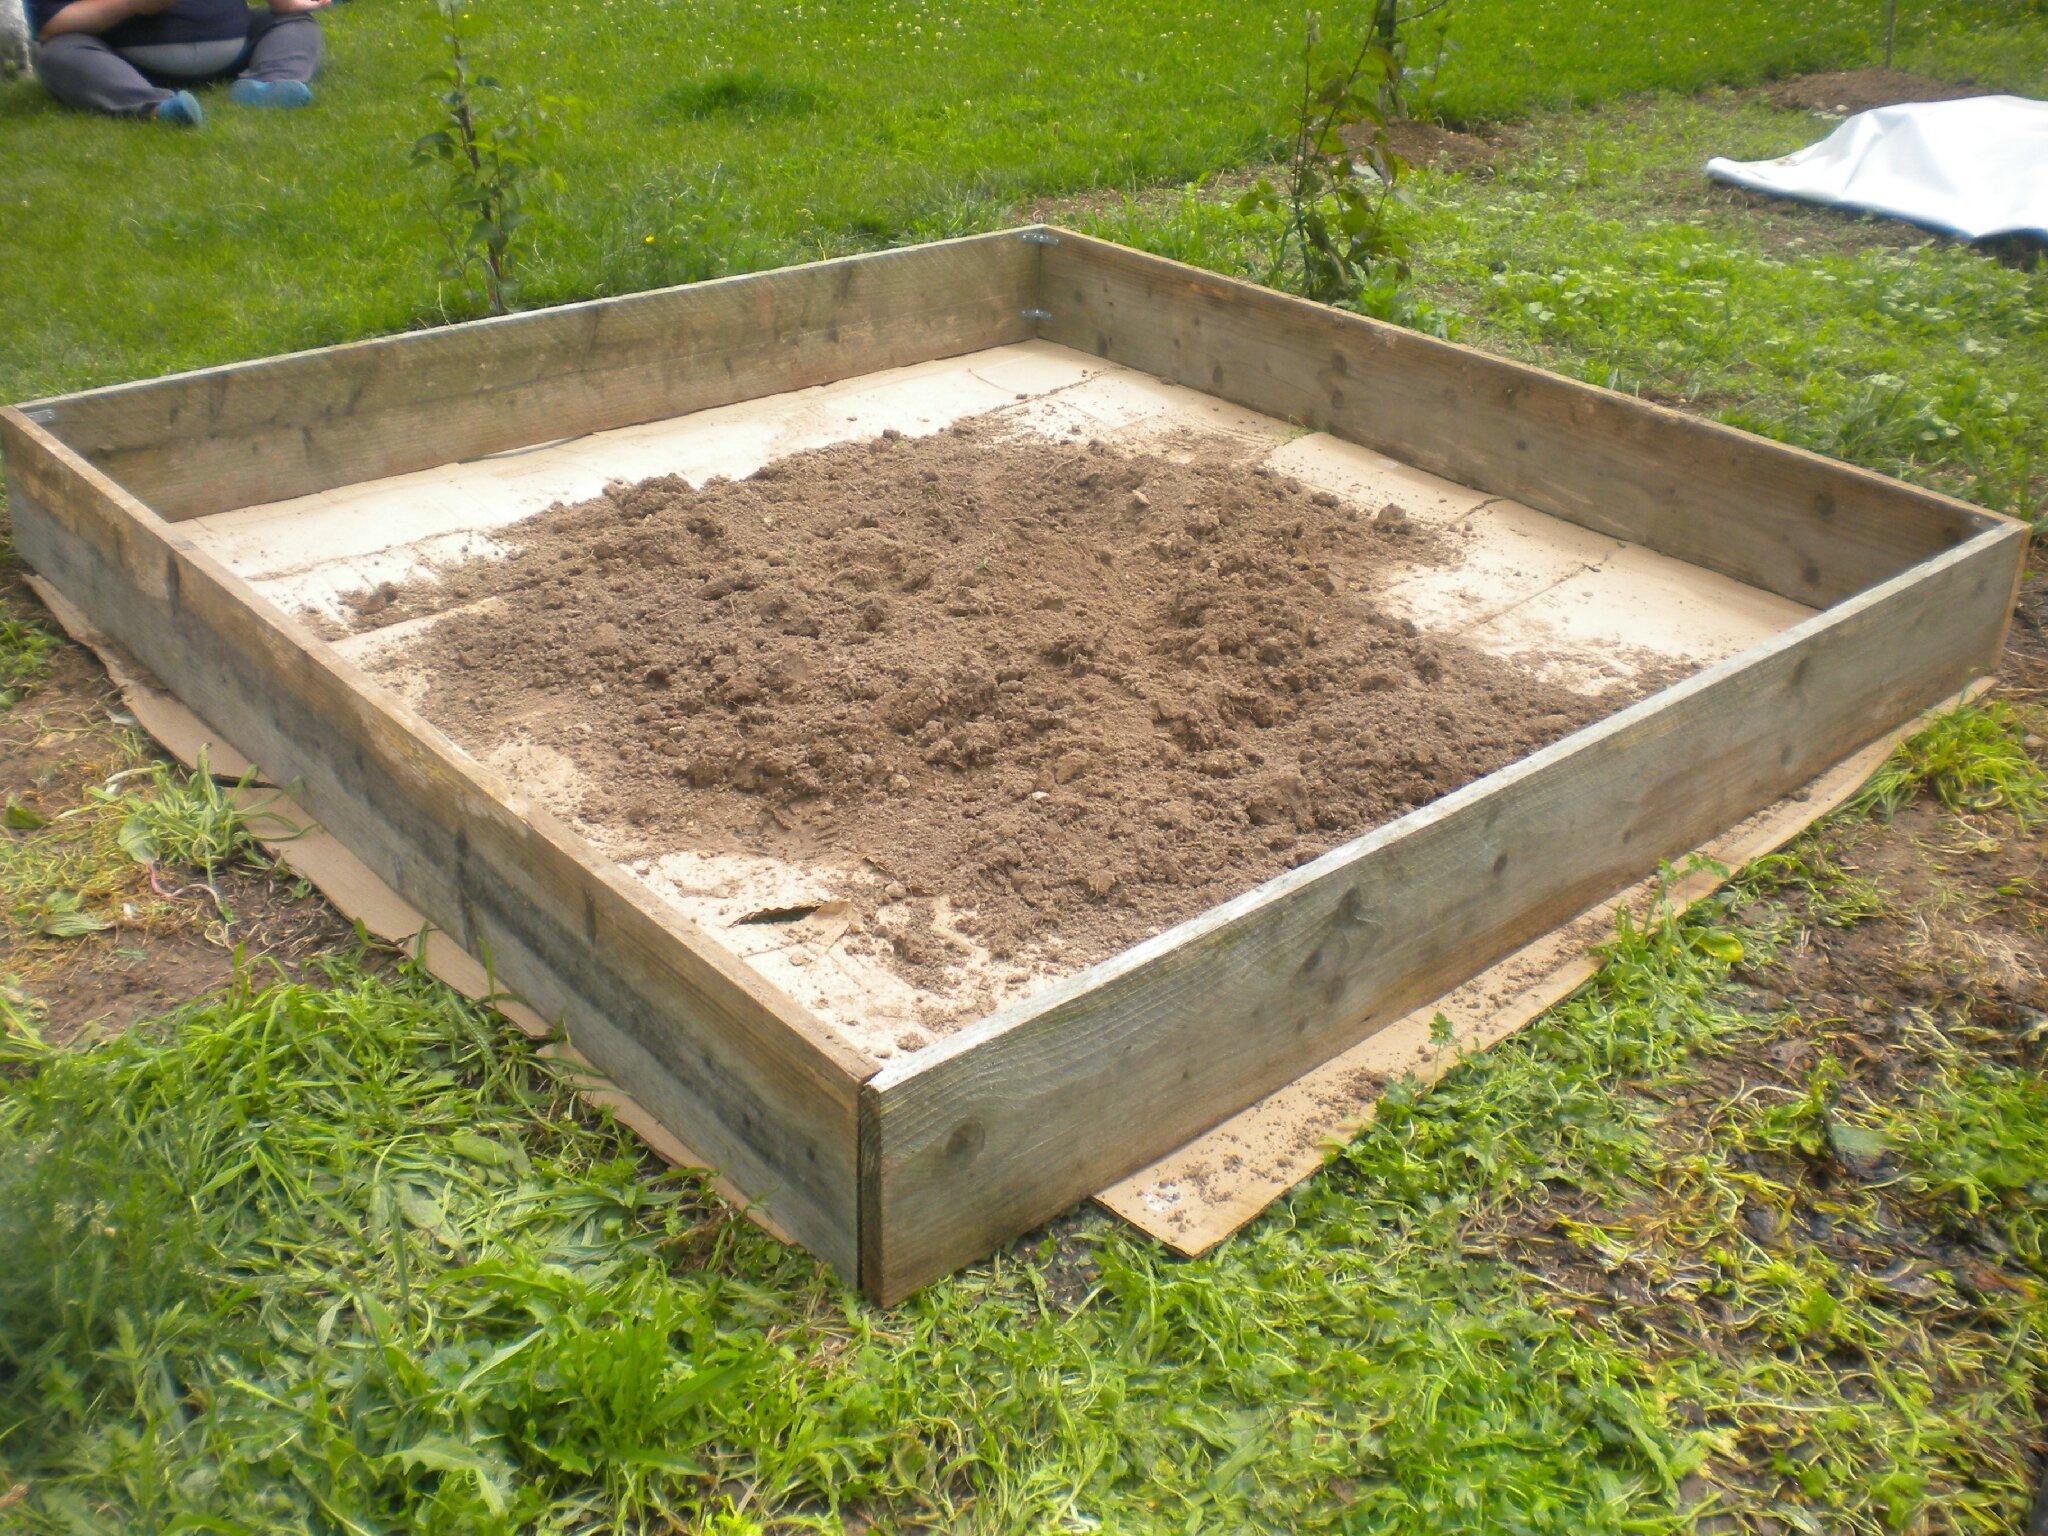 cr ation d 39 un carr potager de 4m2 pour moins de 30 notre jardin ecologique. Black Bedroom Furniture Sets. Home Design Ideas